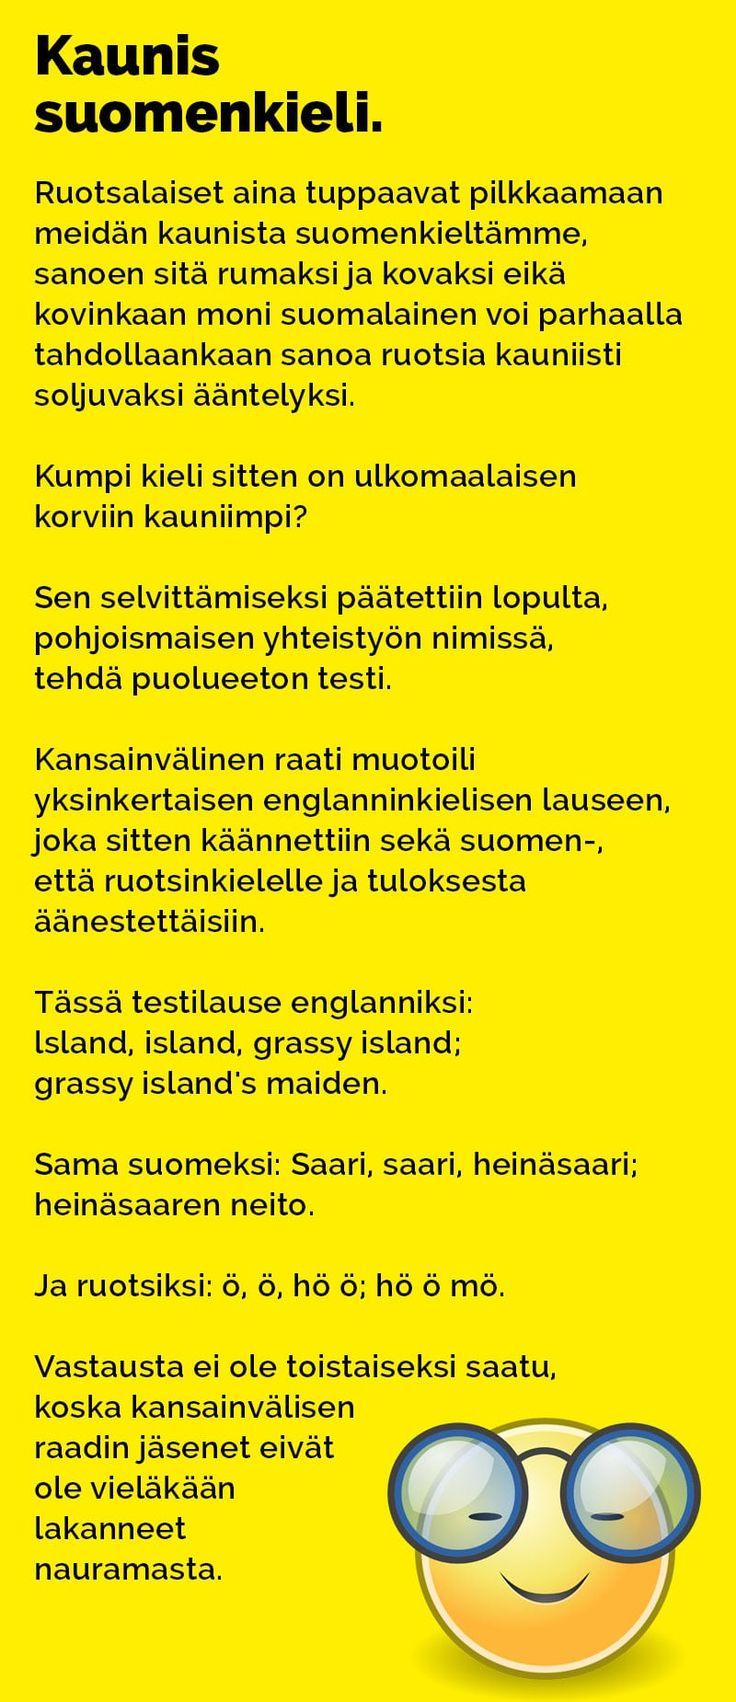 Kaunis on suomen kieli, mutta ehkäpä sitä ilosanomaa ei näin kannattaisi levittää?